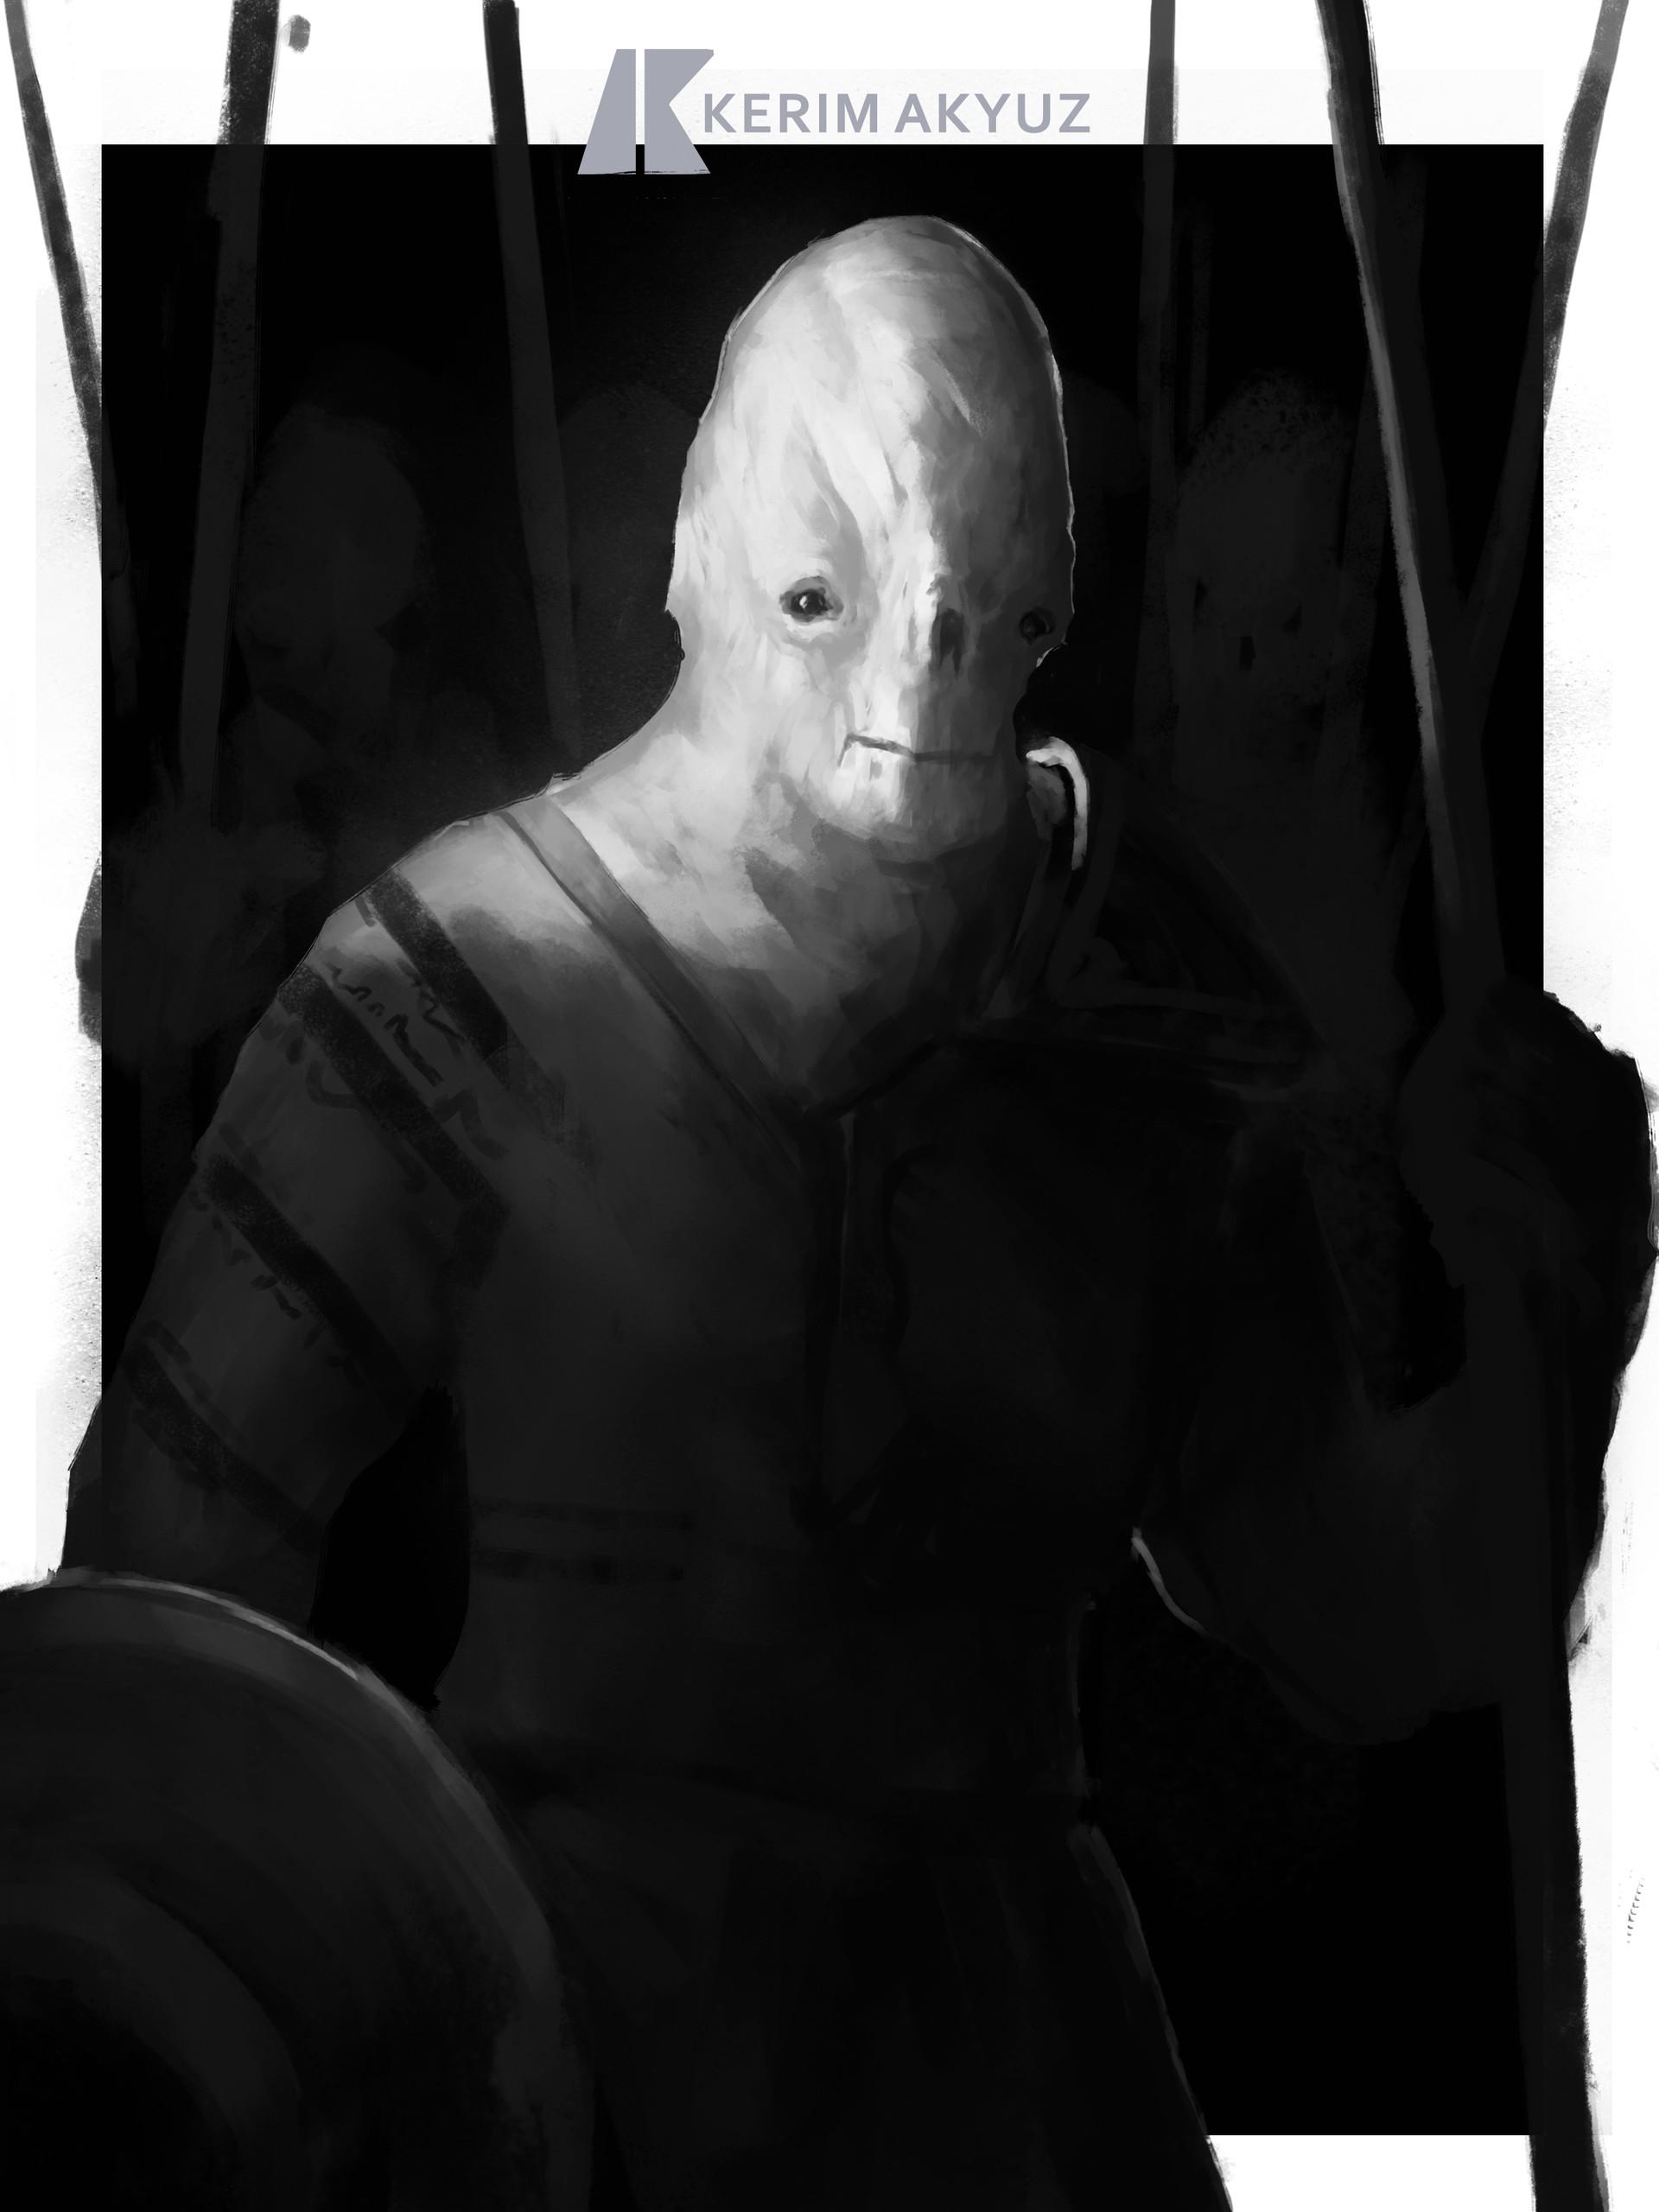 Kerim akyuz 158 trollfighterportrait